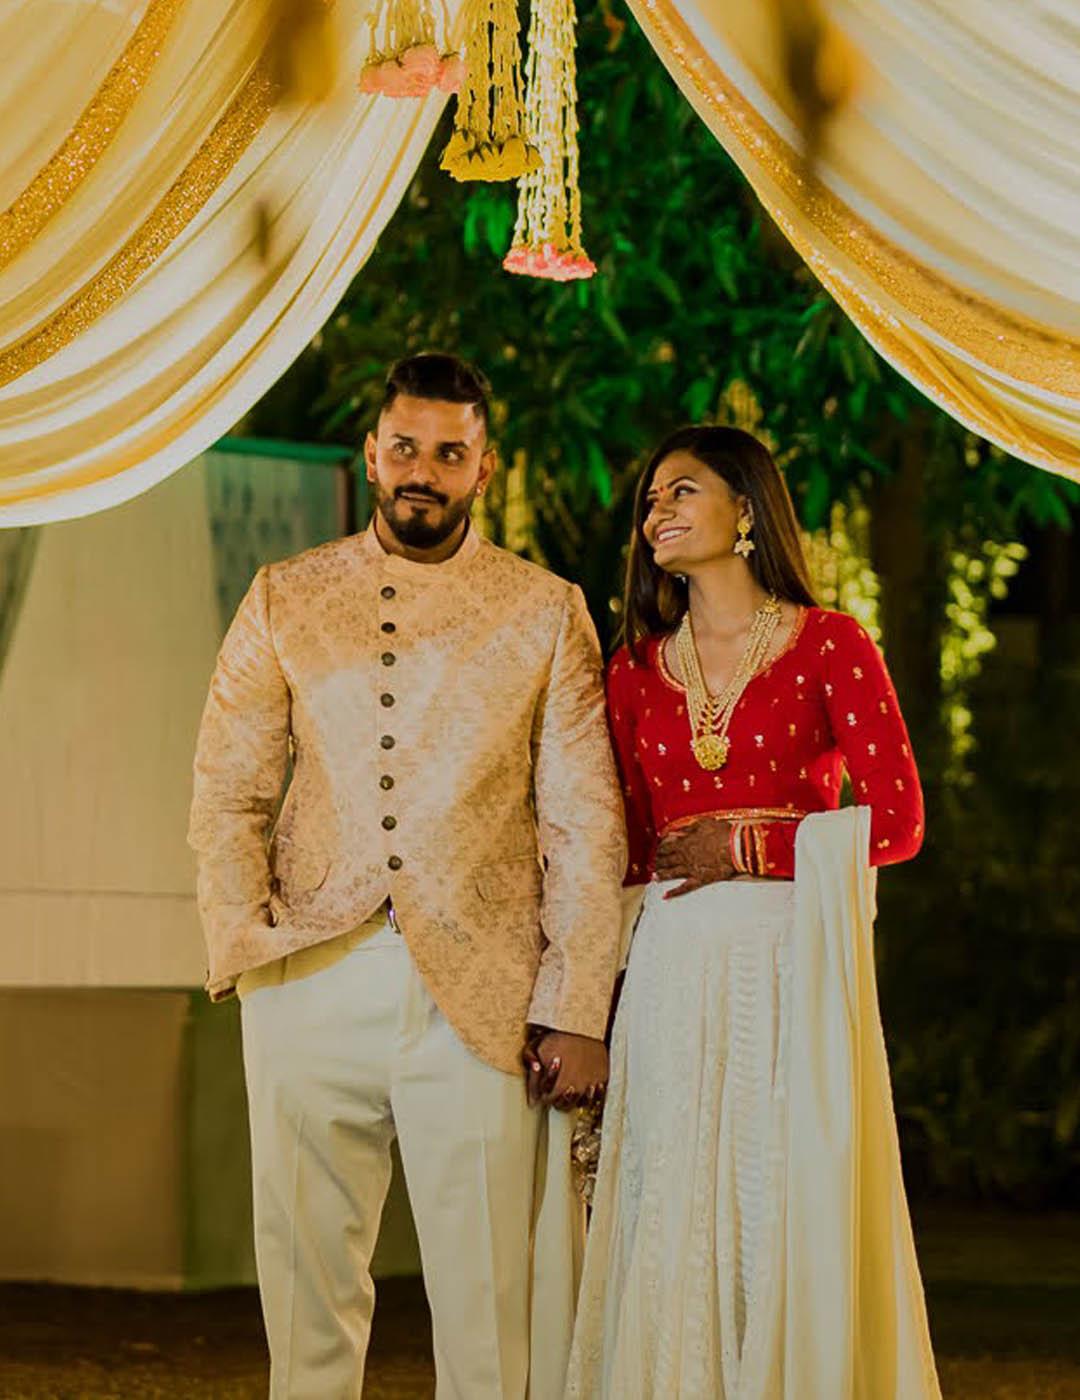 Manav Ethnic Happy Customer wearing Golden Indo-Western